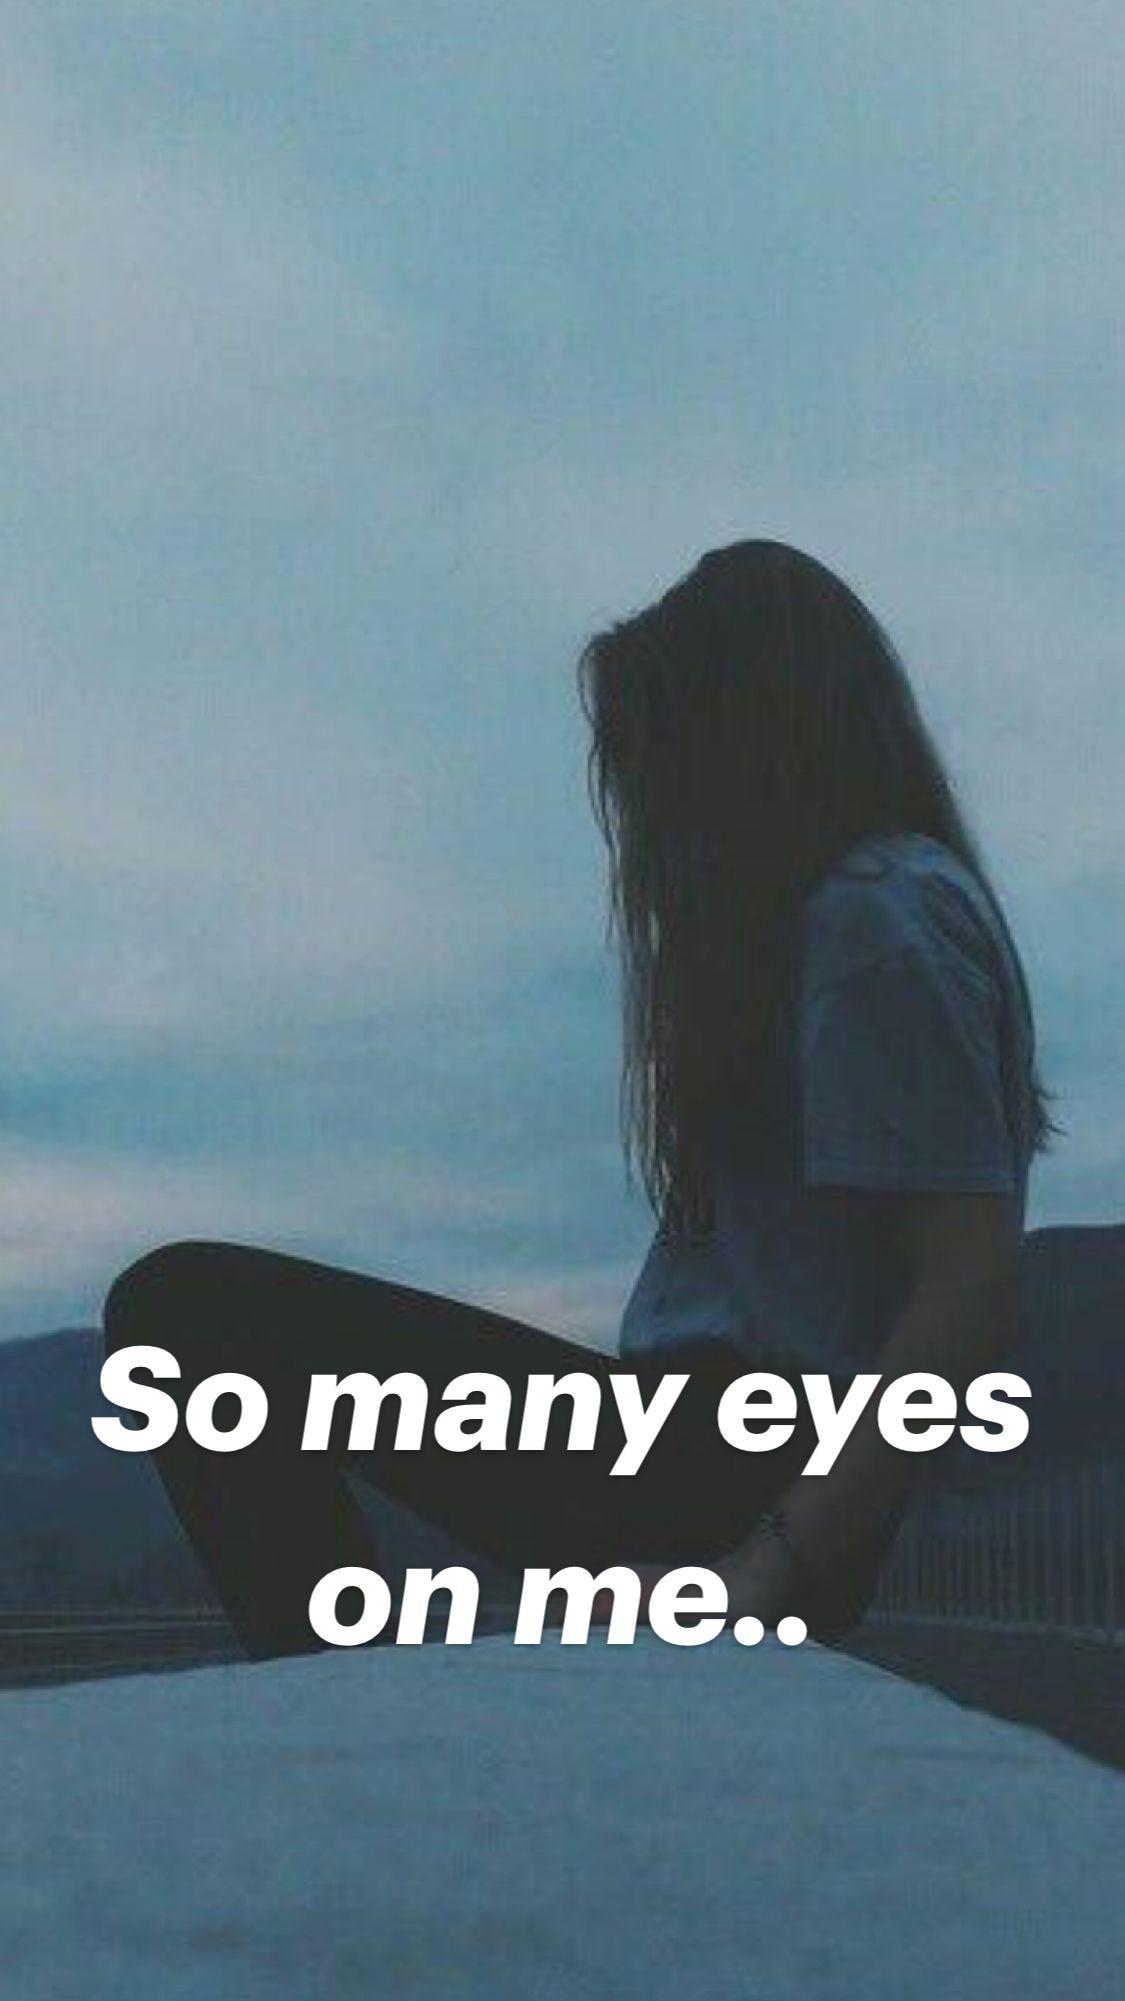 So many eyes on me..